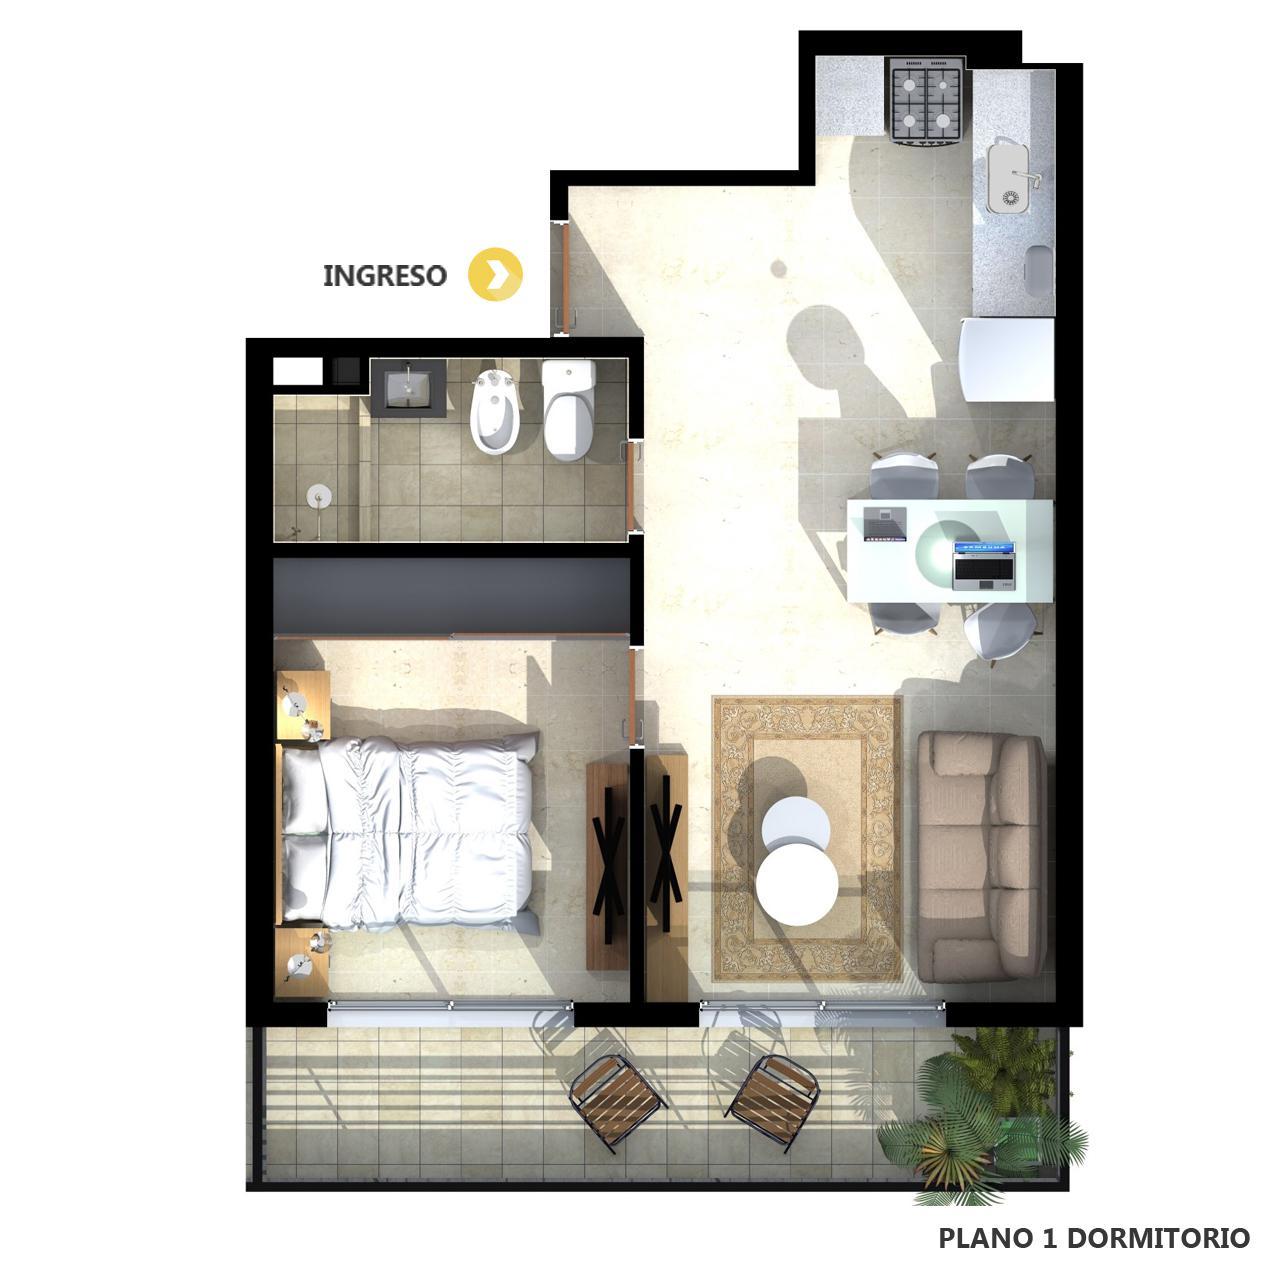 Venta departamento 1 dormitorio Rosario, Parque España. Cod CBU23323 AP2199517. Crestale Propiedades